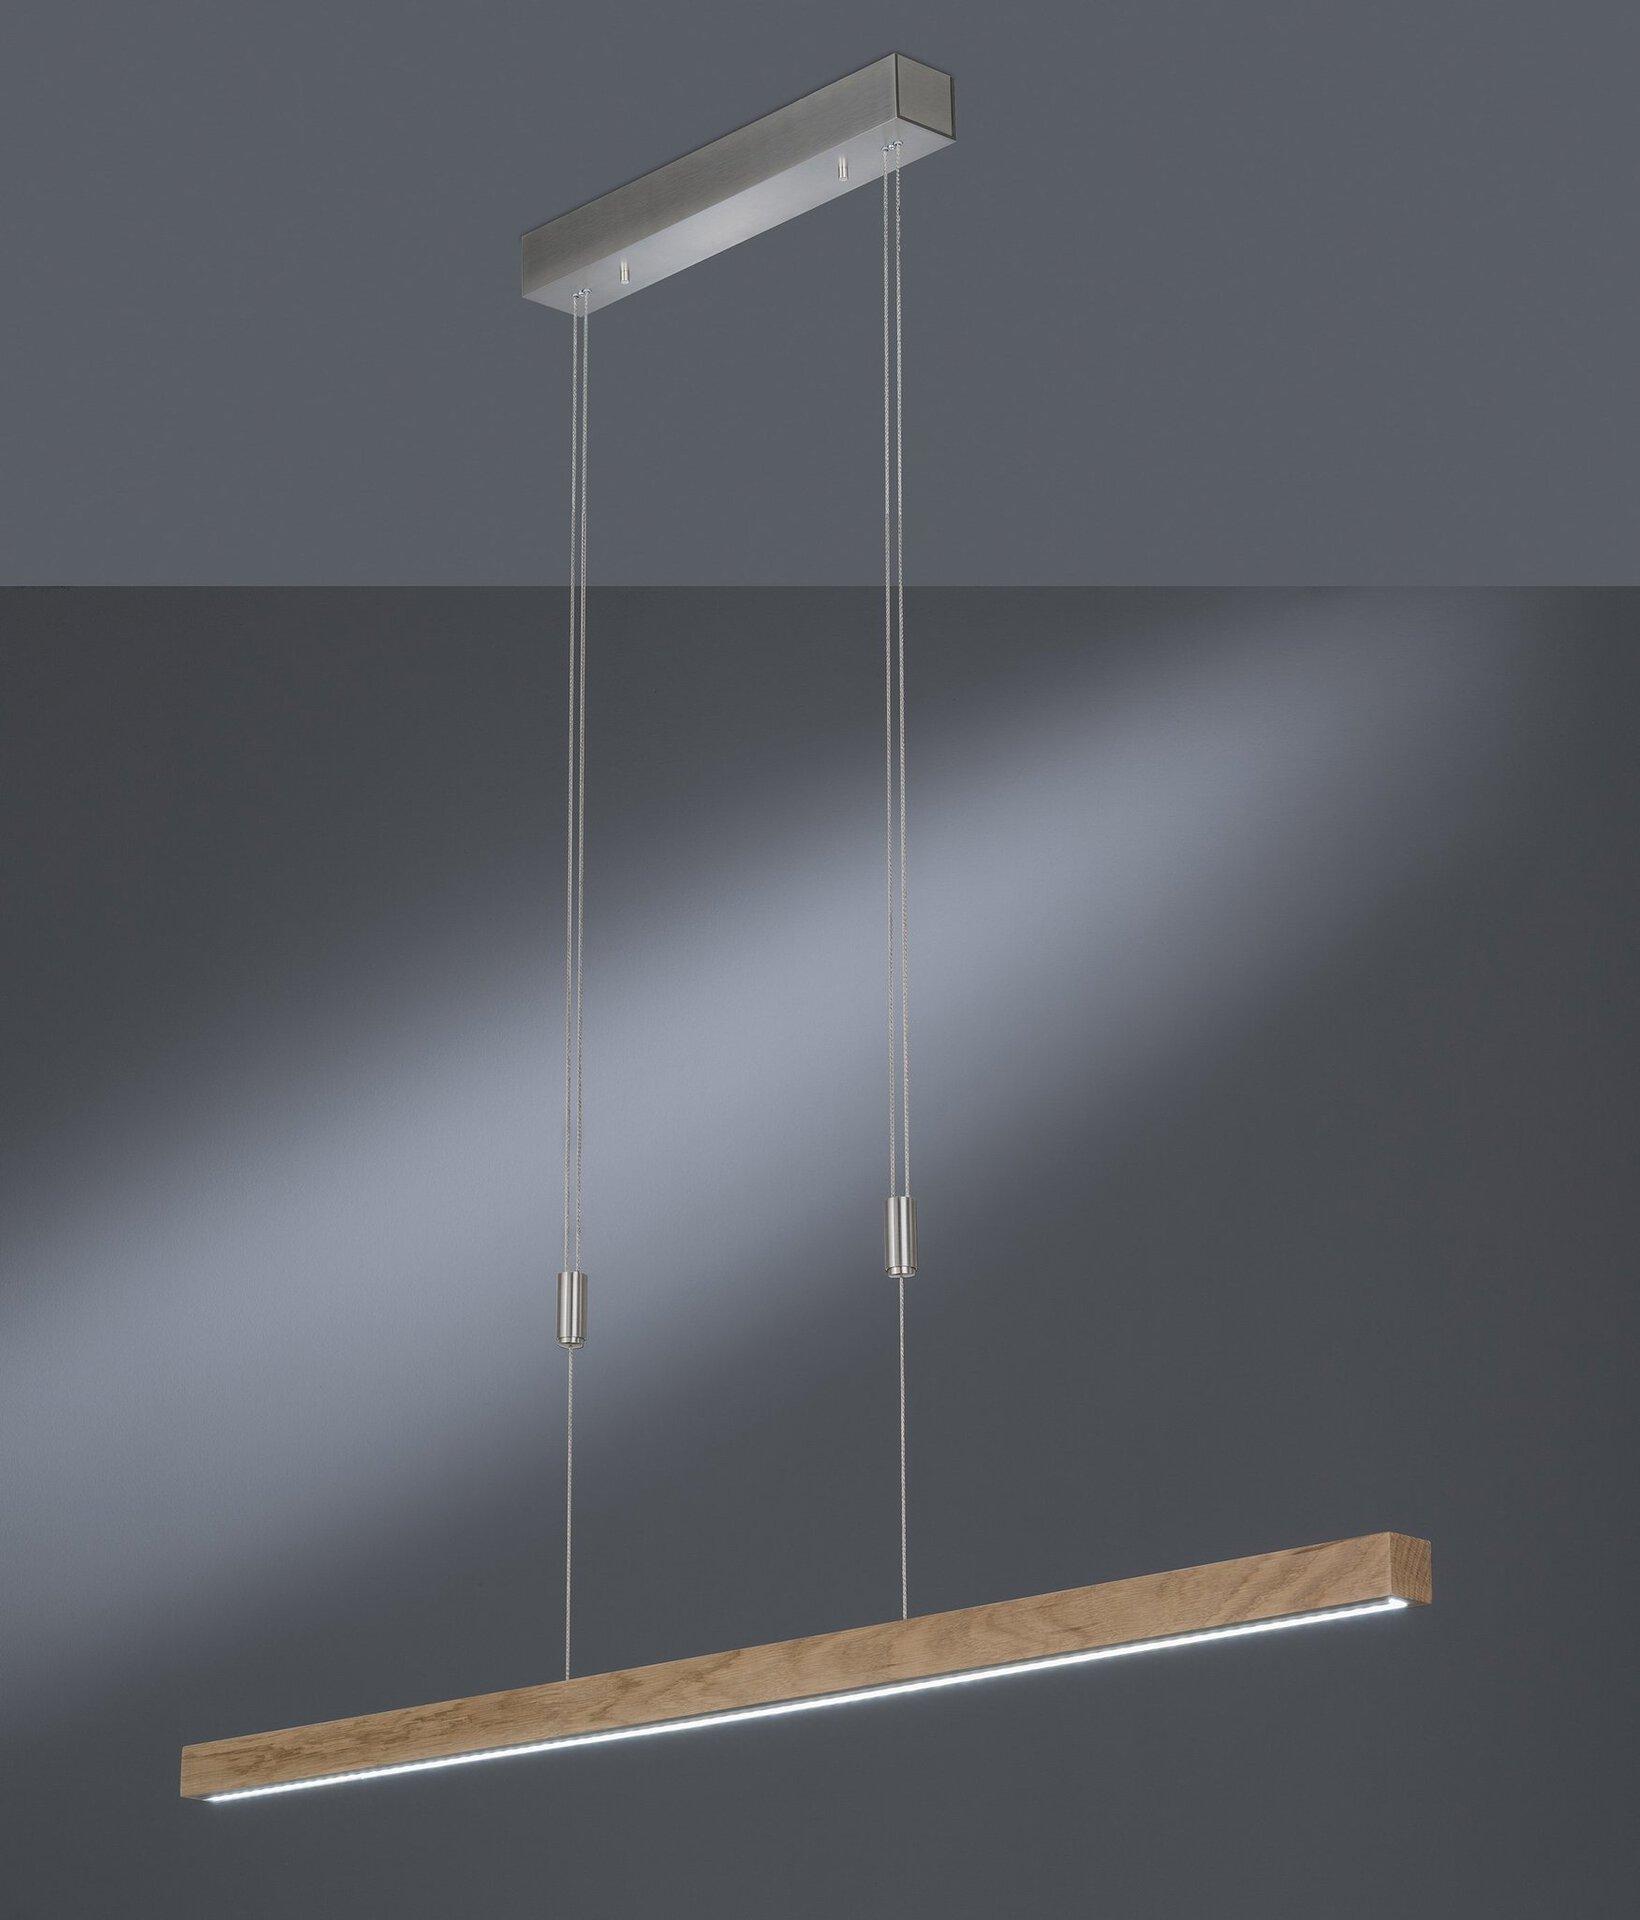 Hängeleuchte Straßburg Fischer-Honsel Holz 6 x 150 x 120 cm